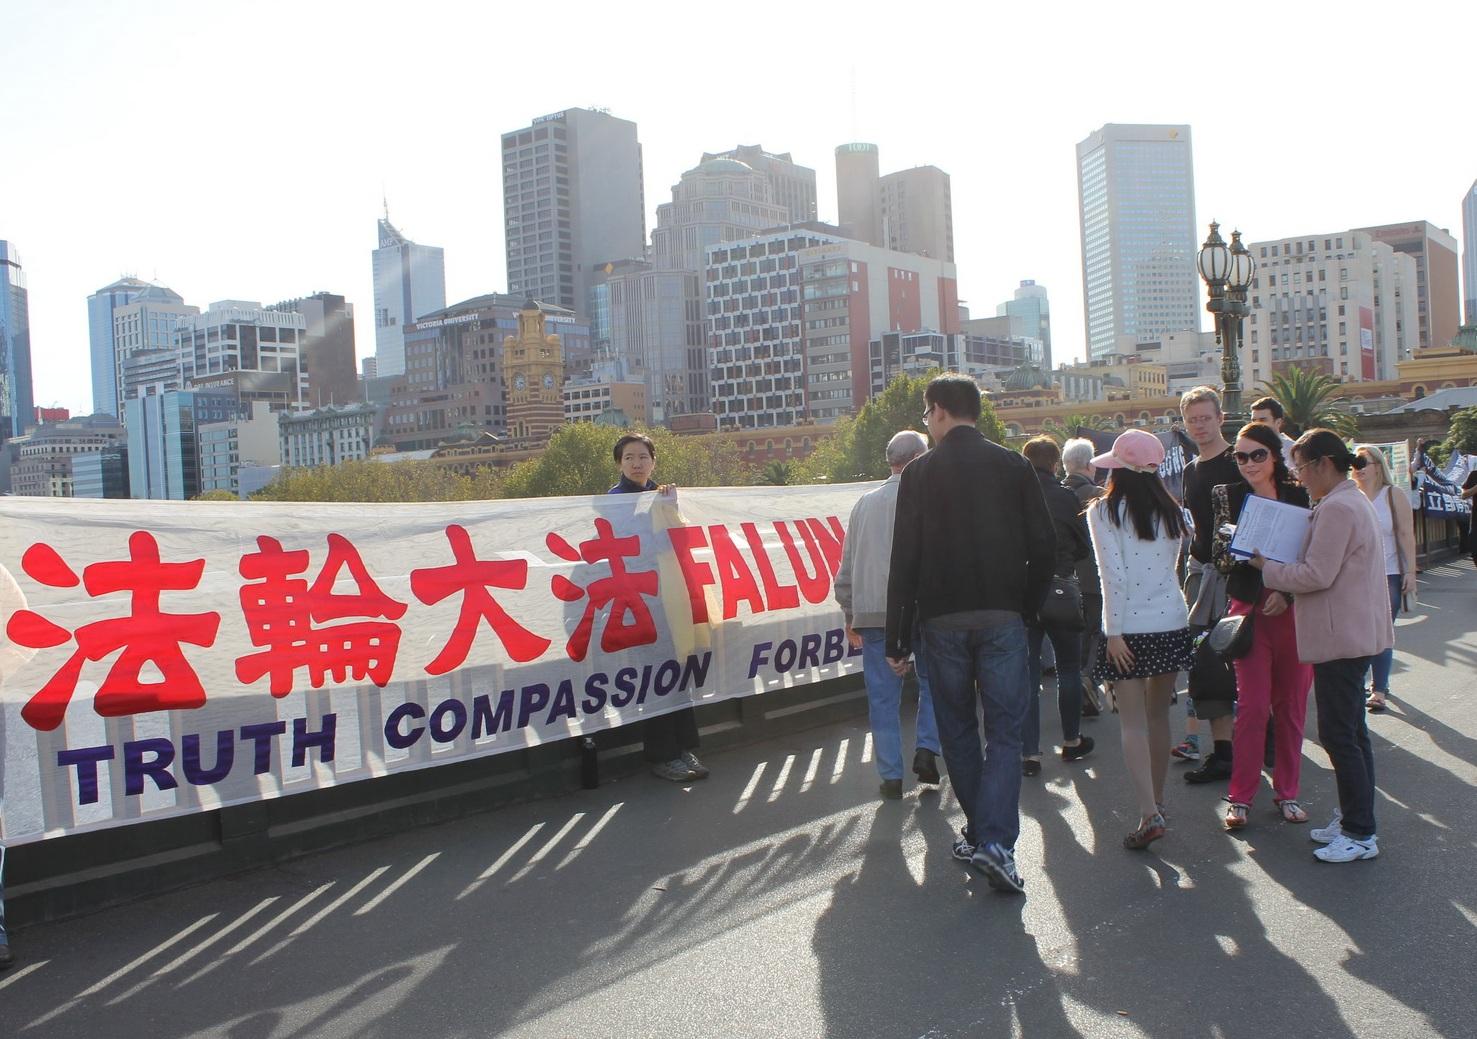 2014年4月25日,法輪功學員在澳洲墨爾本市中心著名景點及交通要道——王子橋,以真相橫幅構成勇氣長城,紀念北京「四‧二五」萬人和平上訪。(明慧網)